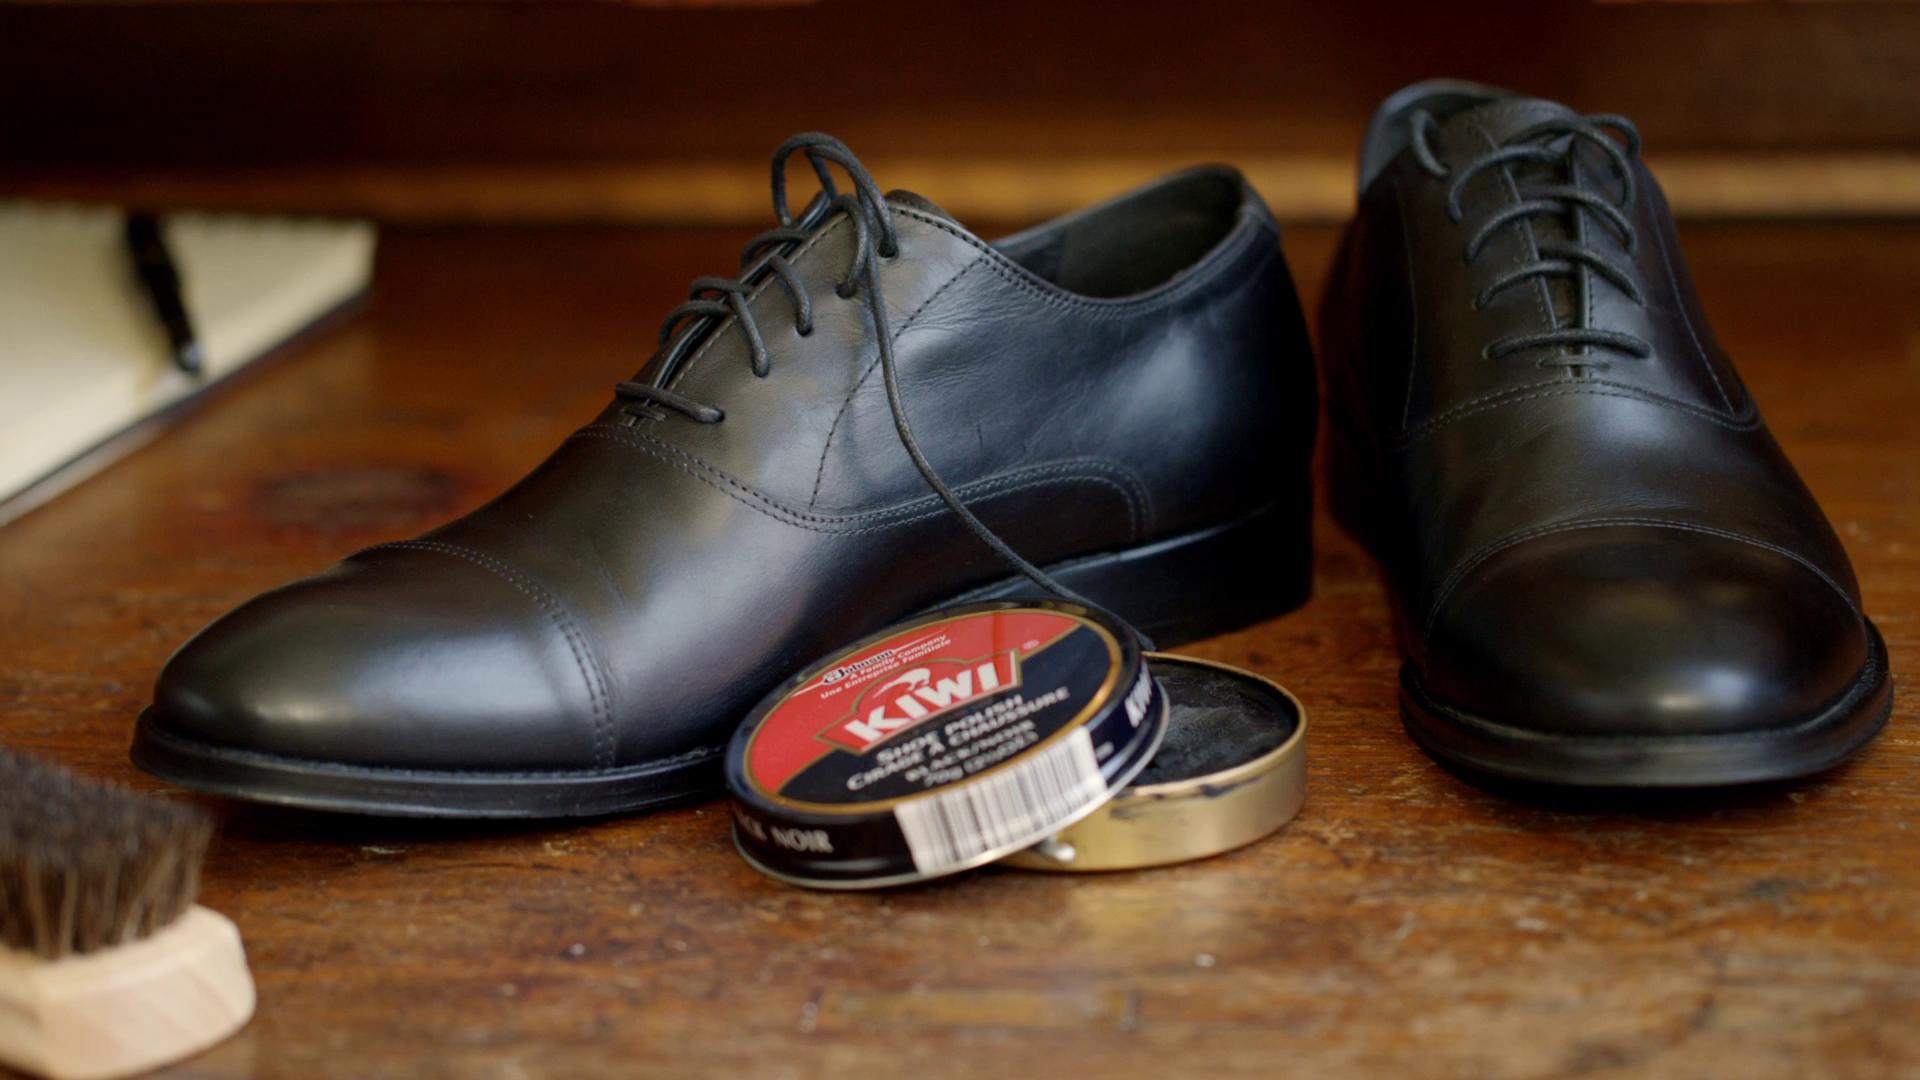 Kiwi Shoe Polish Kit Products